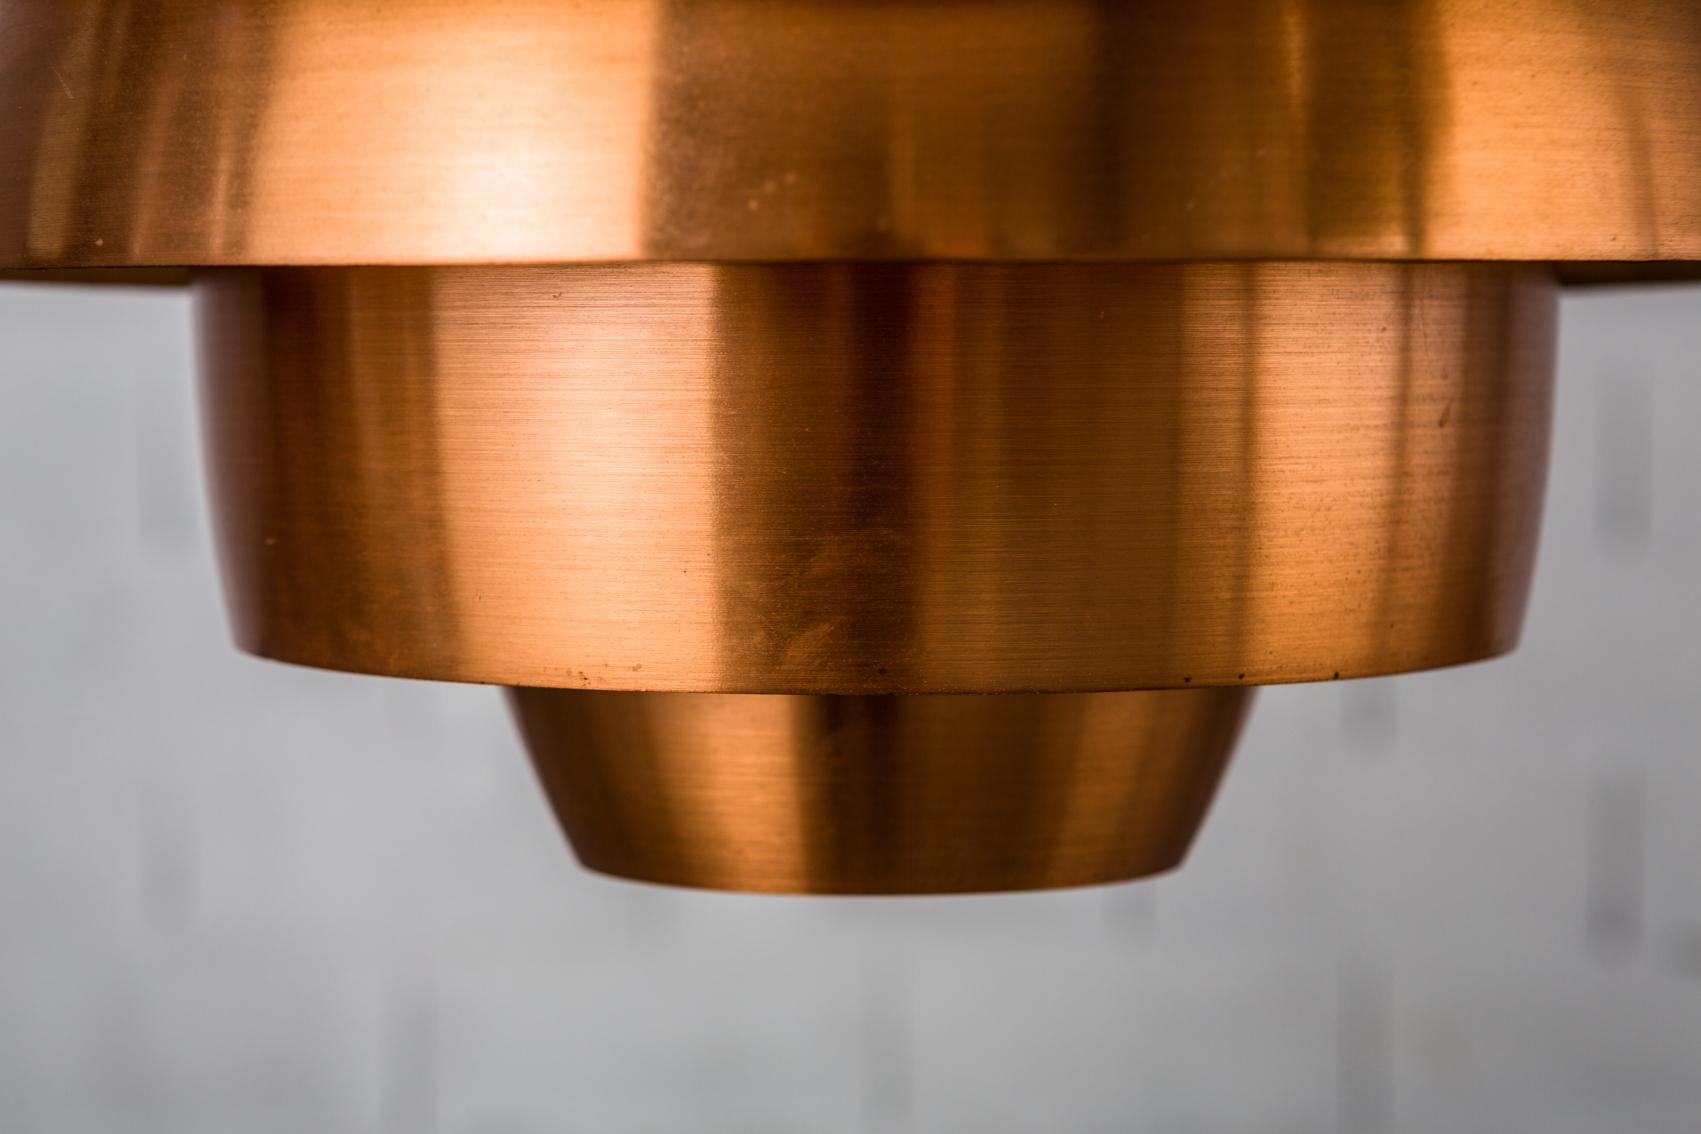 stilnovo 1231 model ceiling light - brushed copper detail